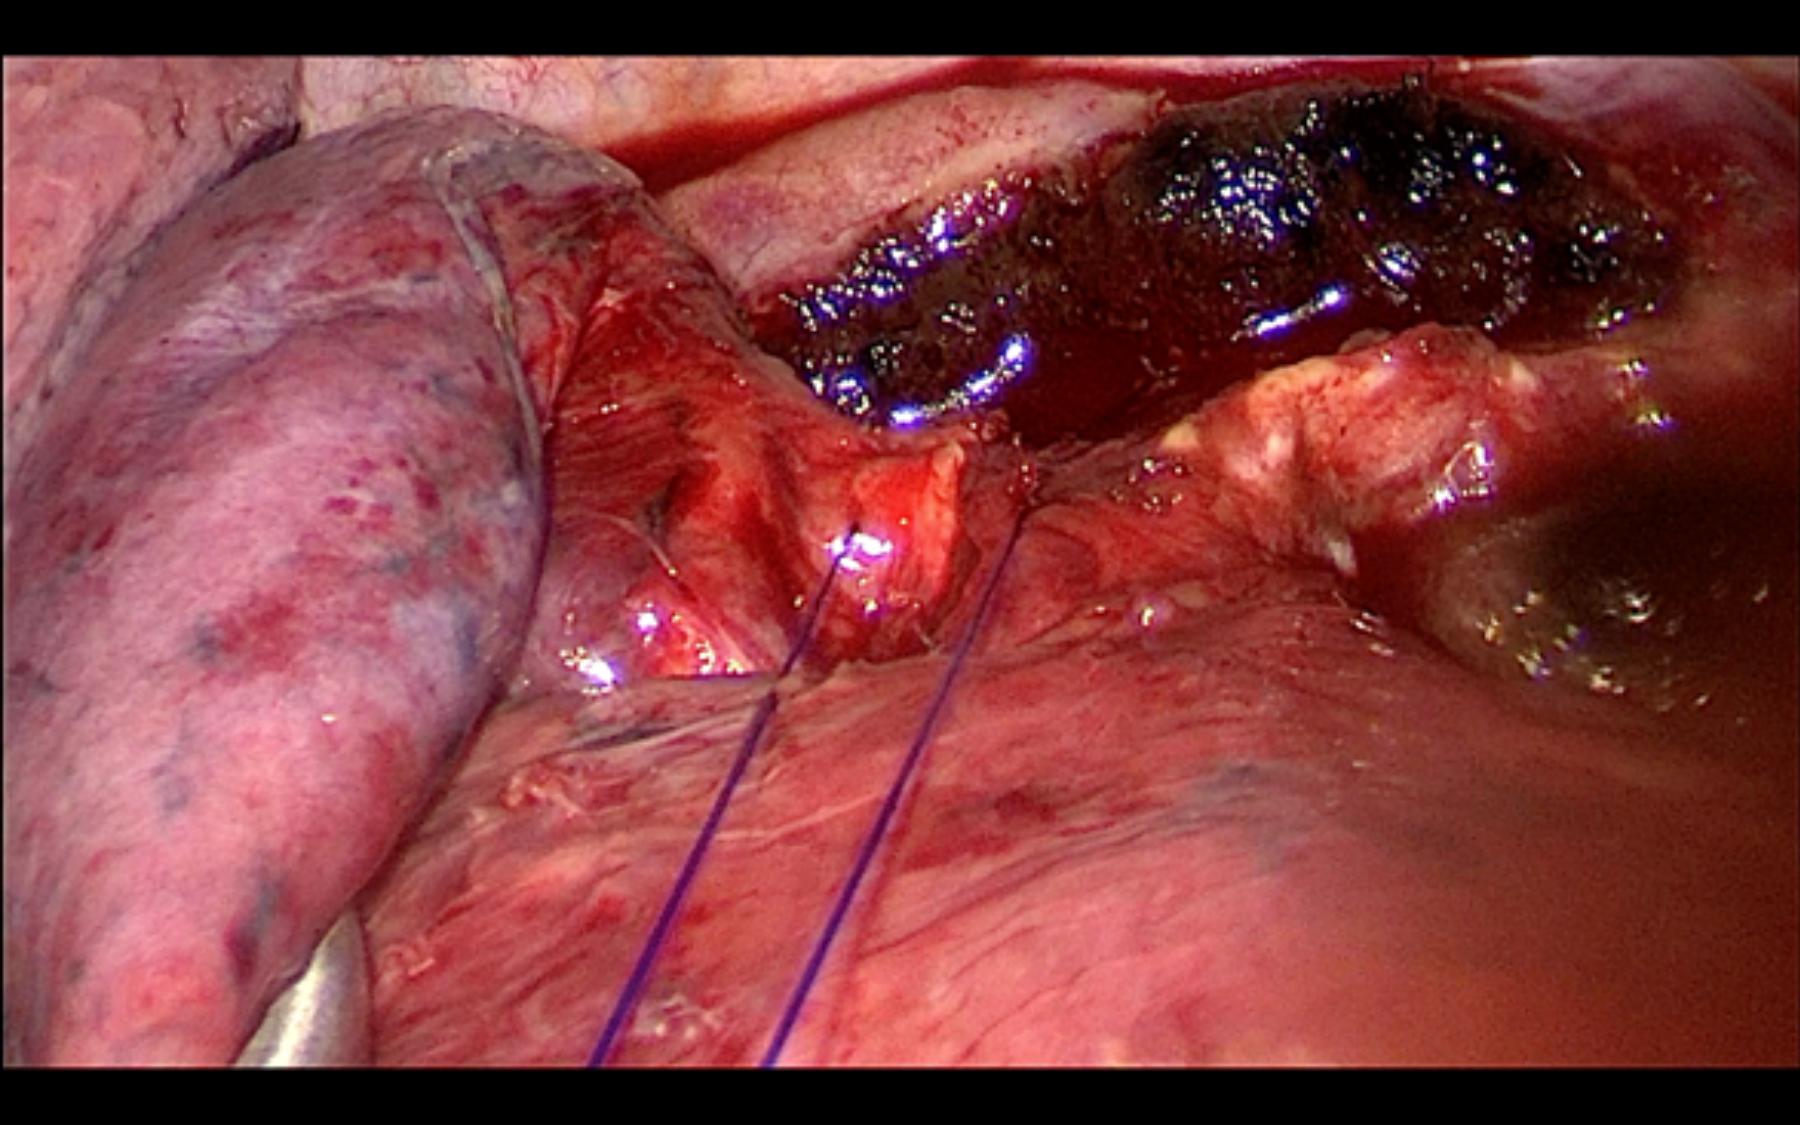 Cirugía - Resección finalizada